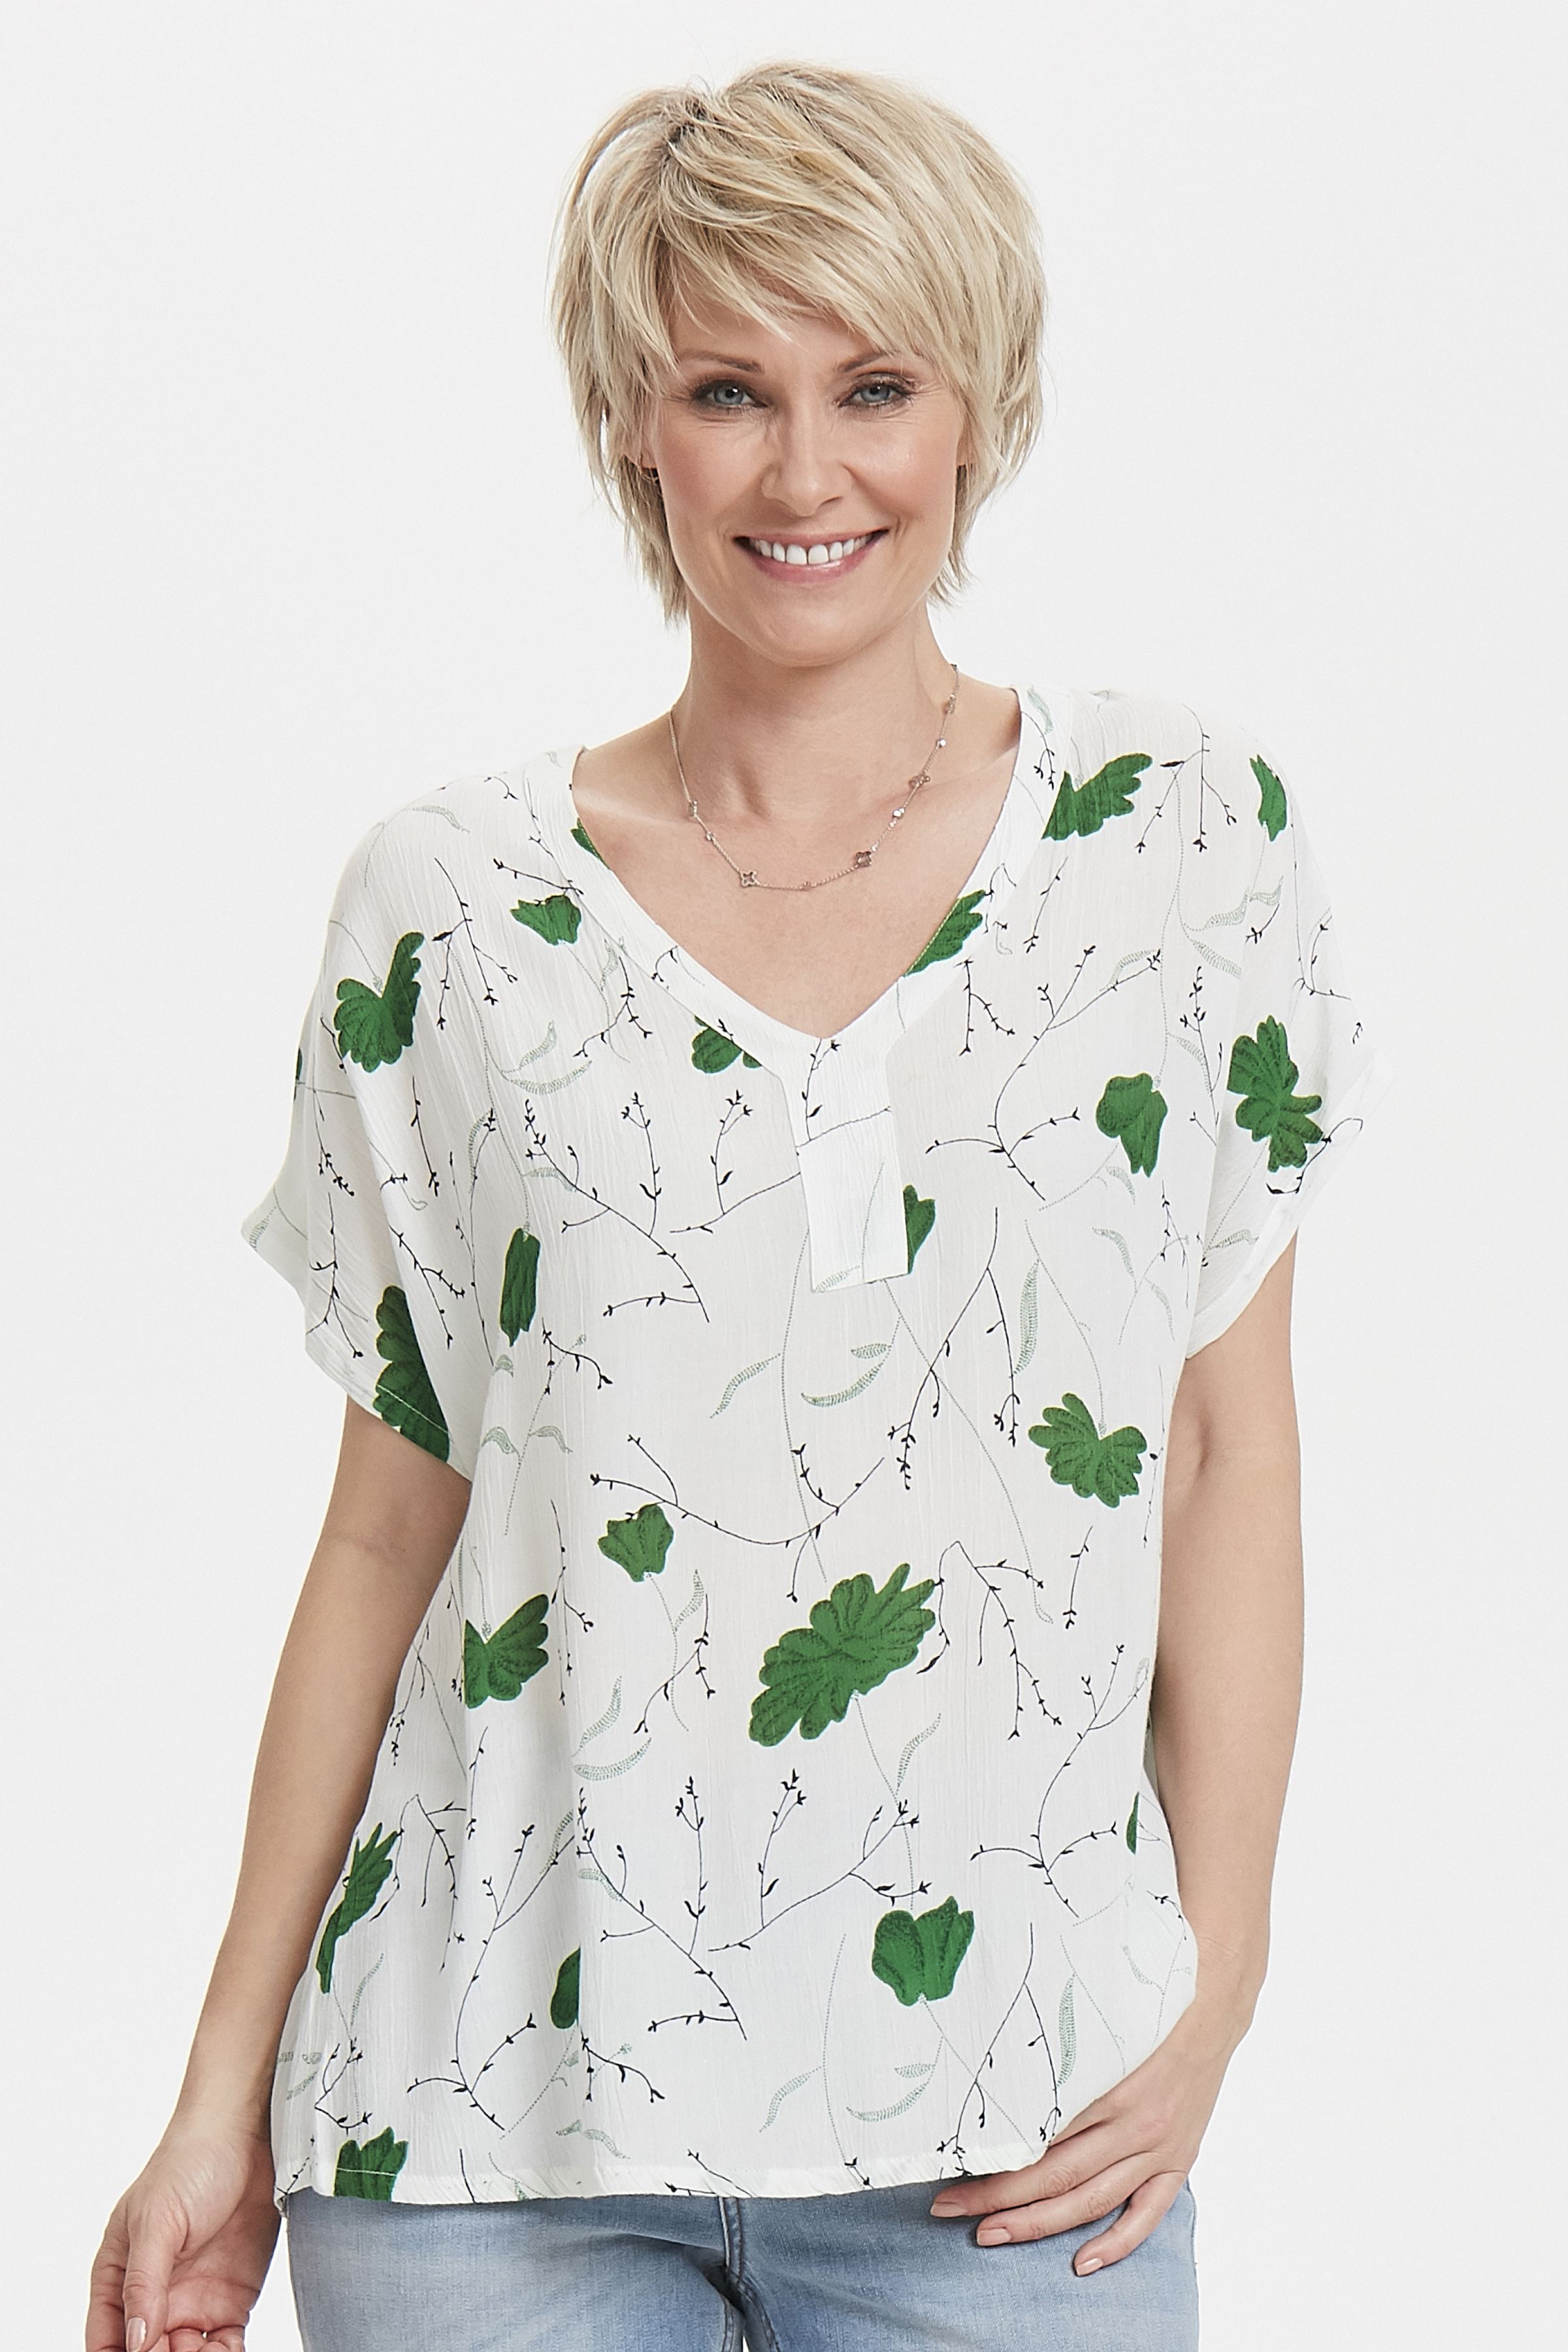 Weiß/grün Kurzarm-Bluse von Kaffe – Shoppen Sie Weiß/grün Kurzarm-Bluse ab Gr. 34-46 hier